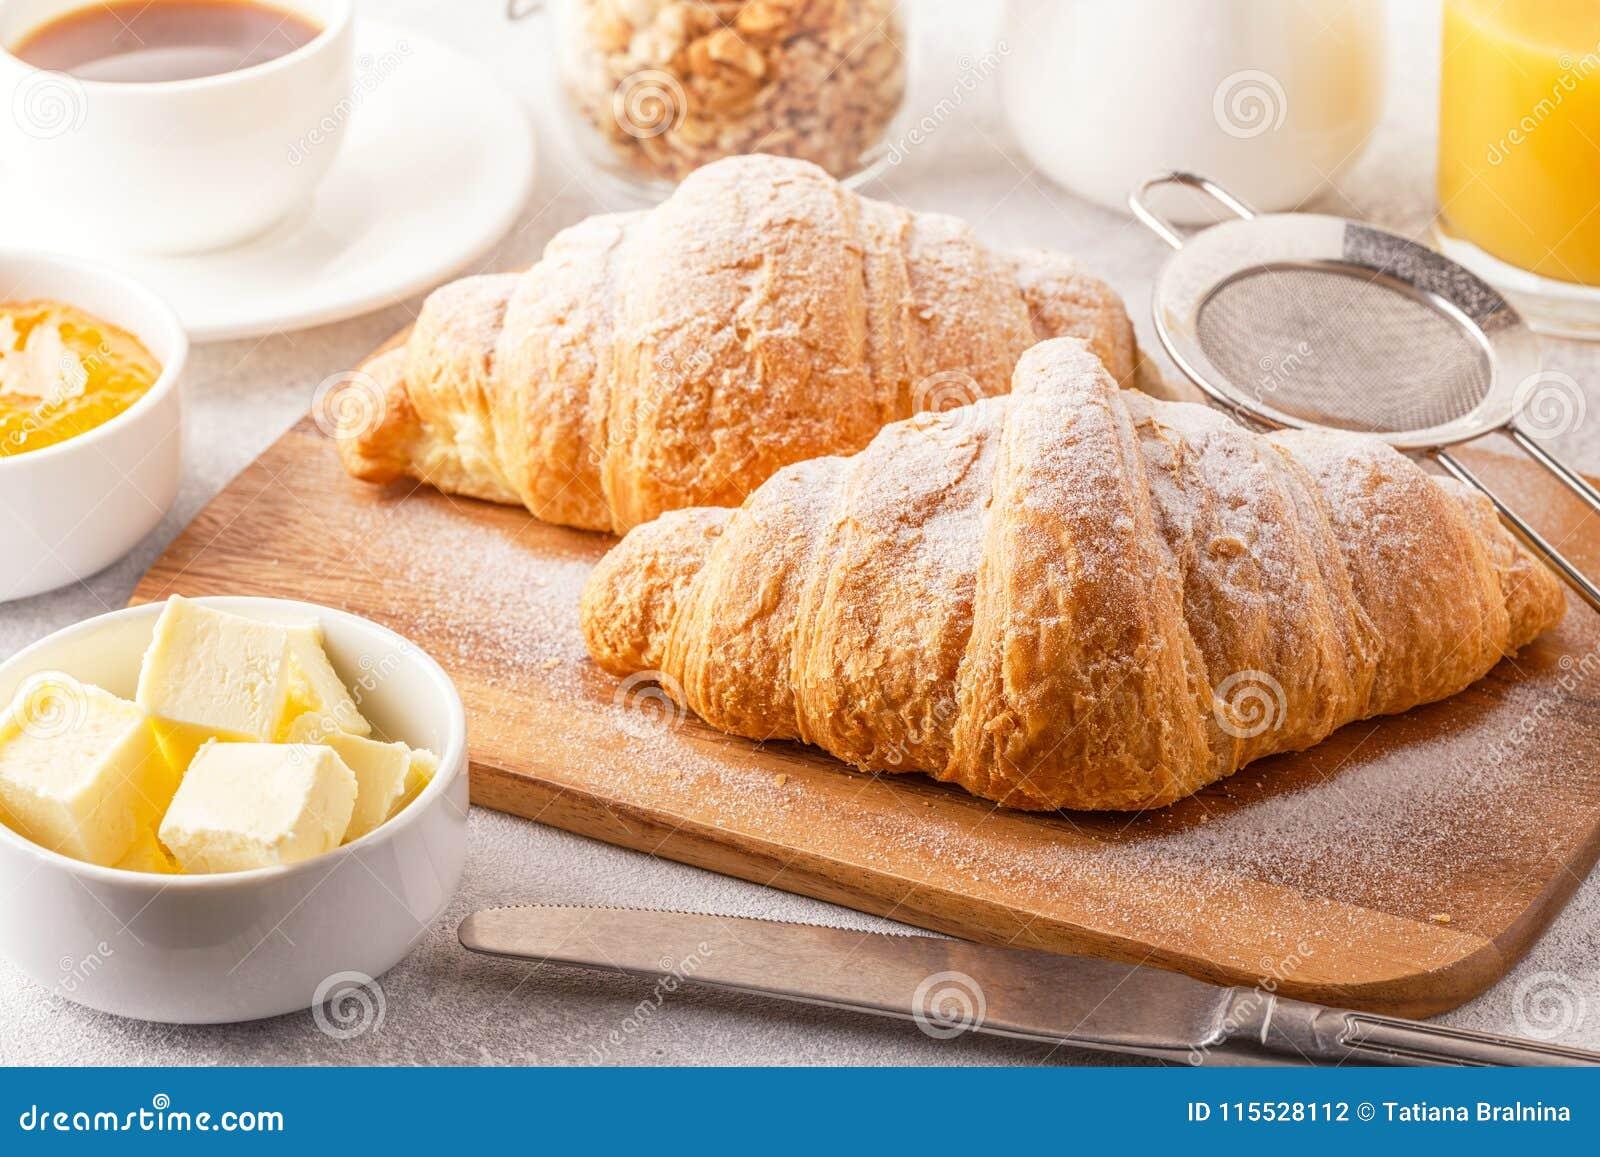 Continentaal ontbijt met verse croissants, jus d orange en mede